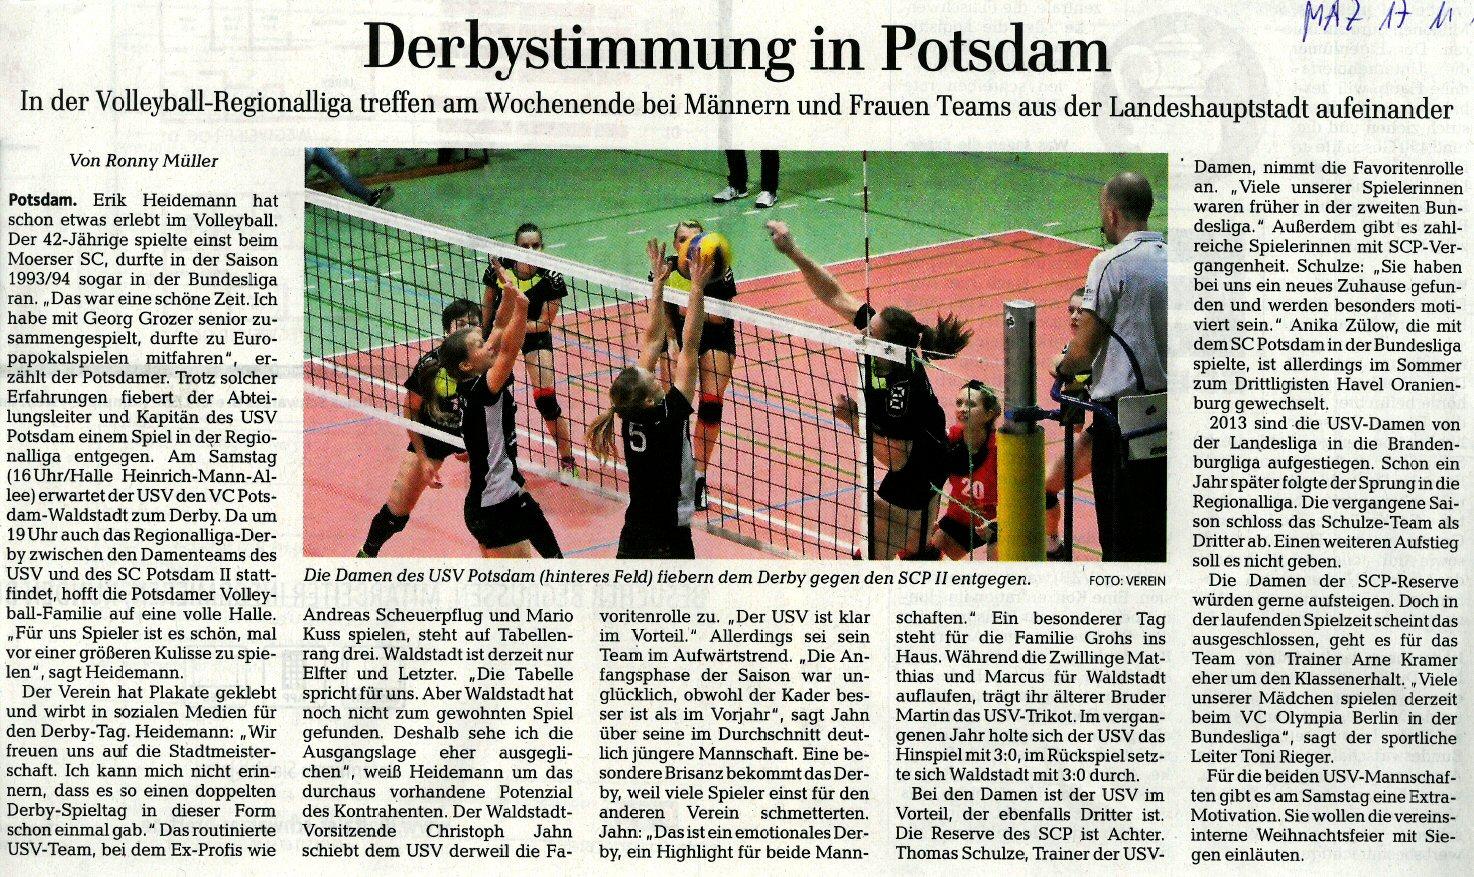 Erschienen in der Märkischen Allgemeinen Zeitung (Lokalteil Potsdam) am 17.11.2015